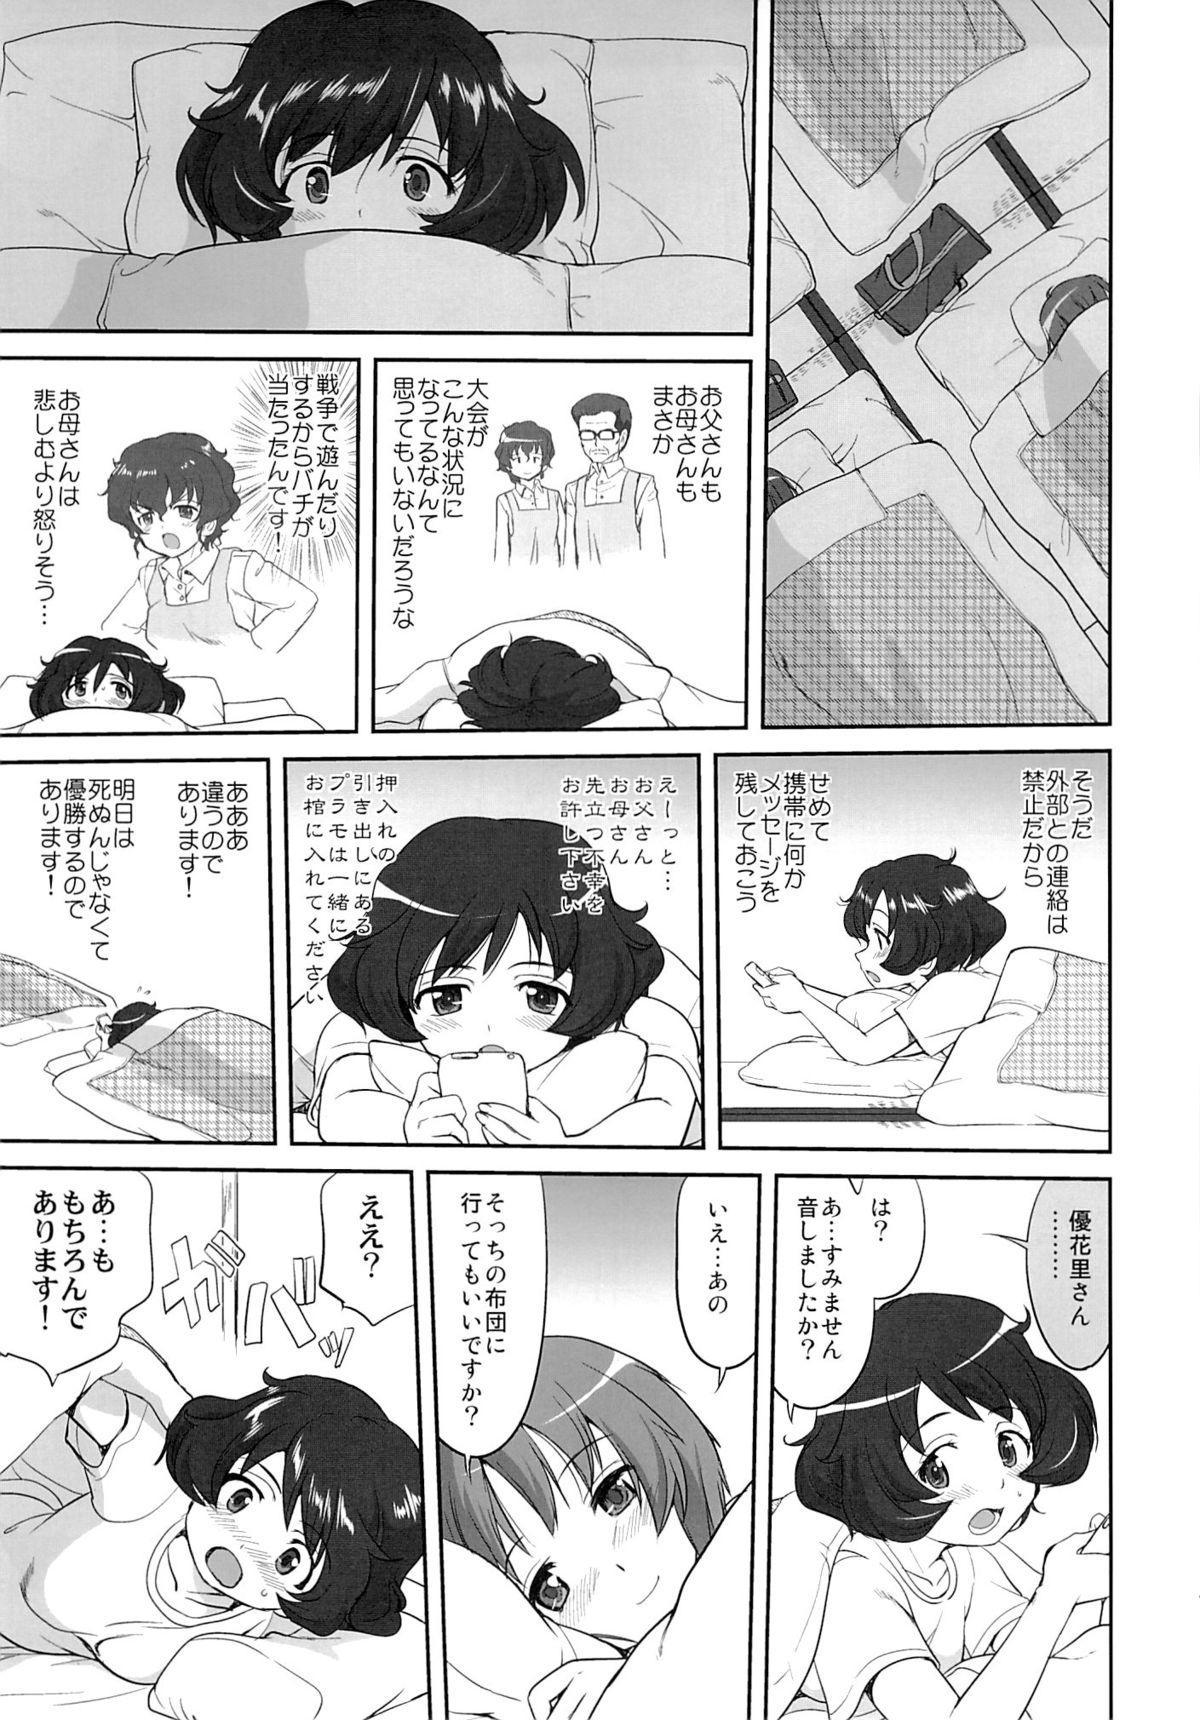 Yukiyukite Senshadou Kuromorimine no Tatakai 9